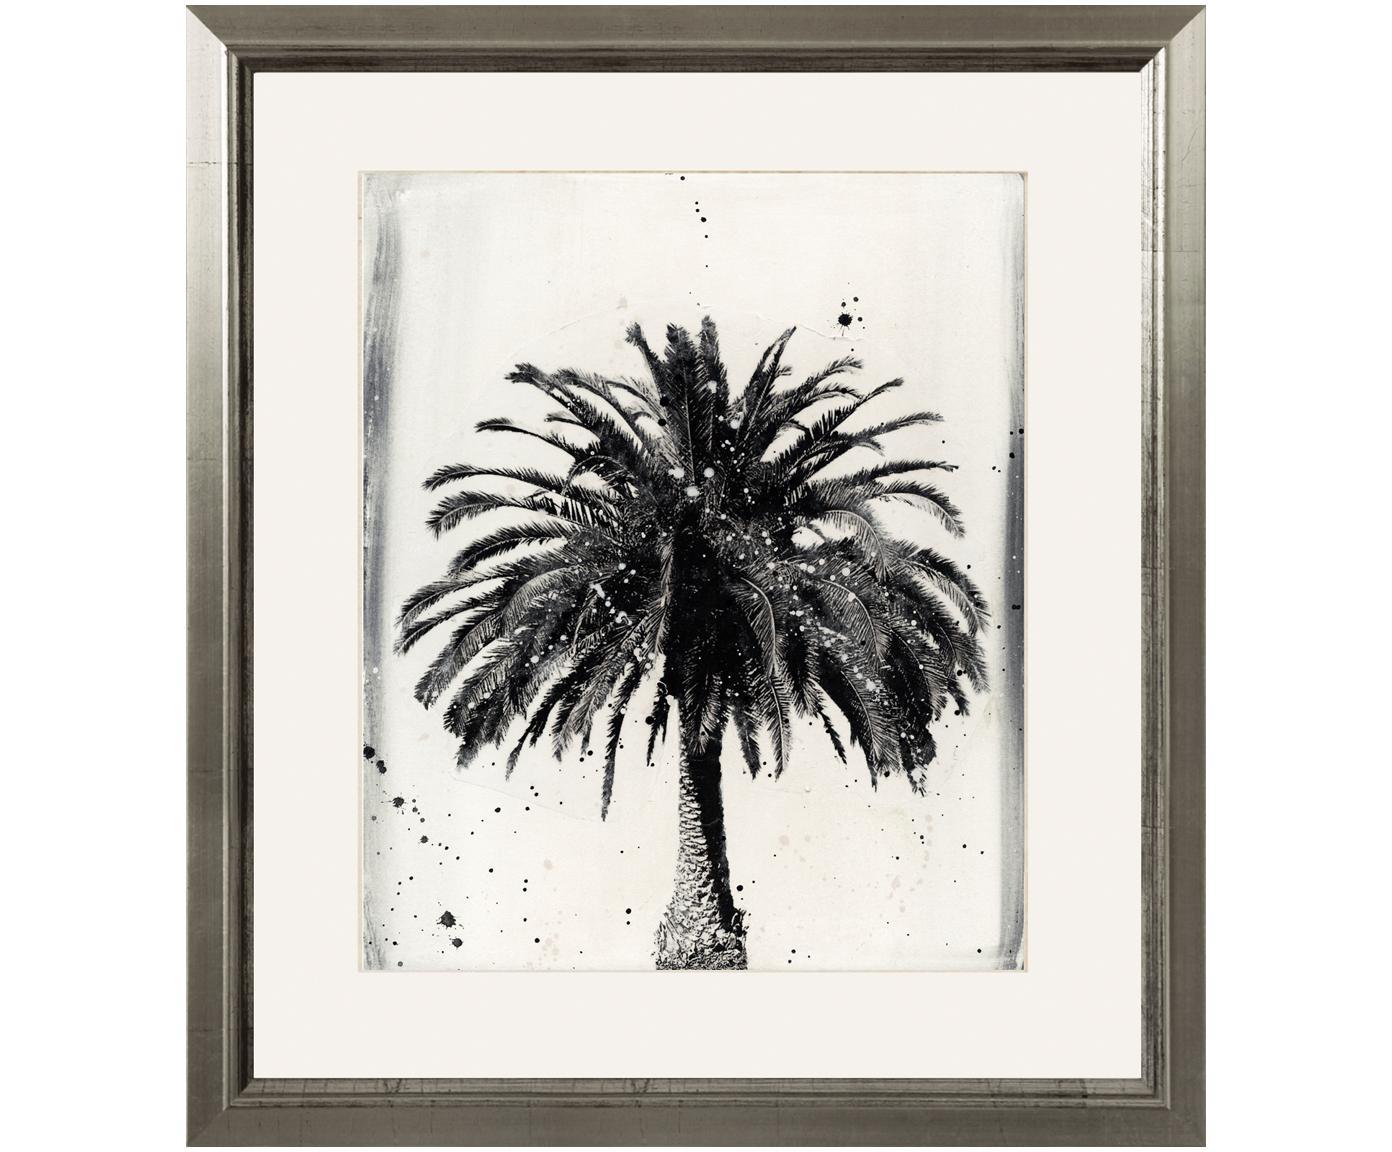 Gerahmter Digitaldruck L.A Dream, Bild: Digitaldruck, Rahmen: Holz, Front: Glas, Bild: Schwarz, WeißRahmen: Silberfarben, 60 x 70 cm